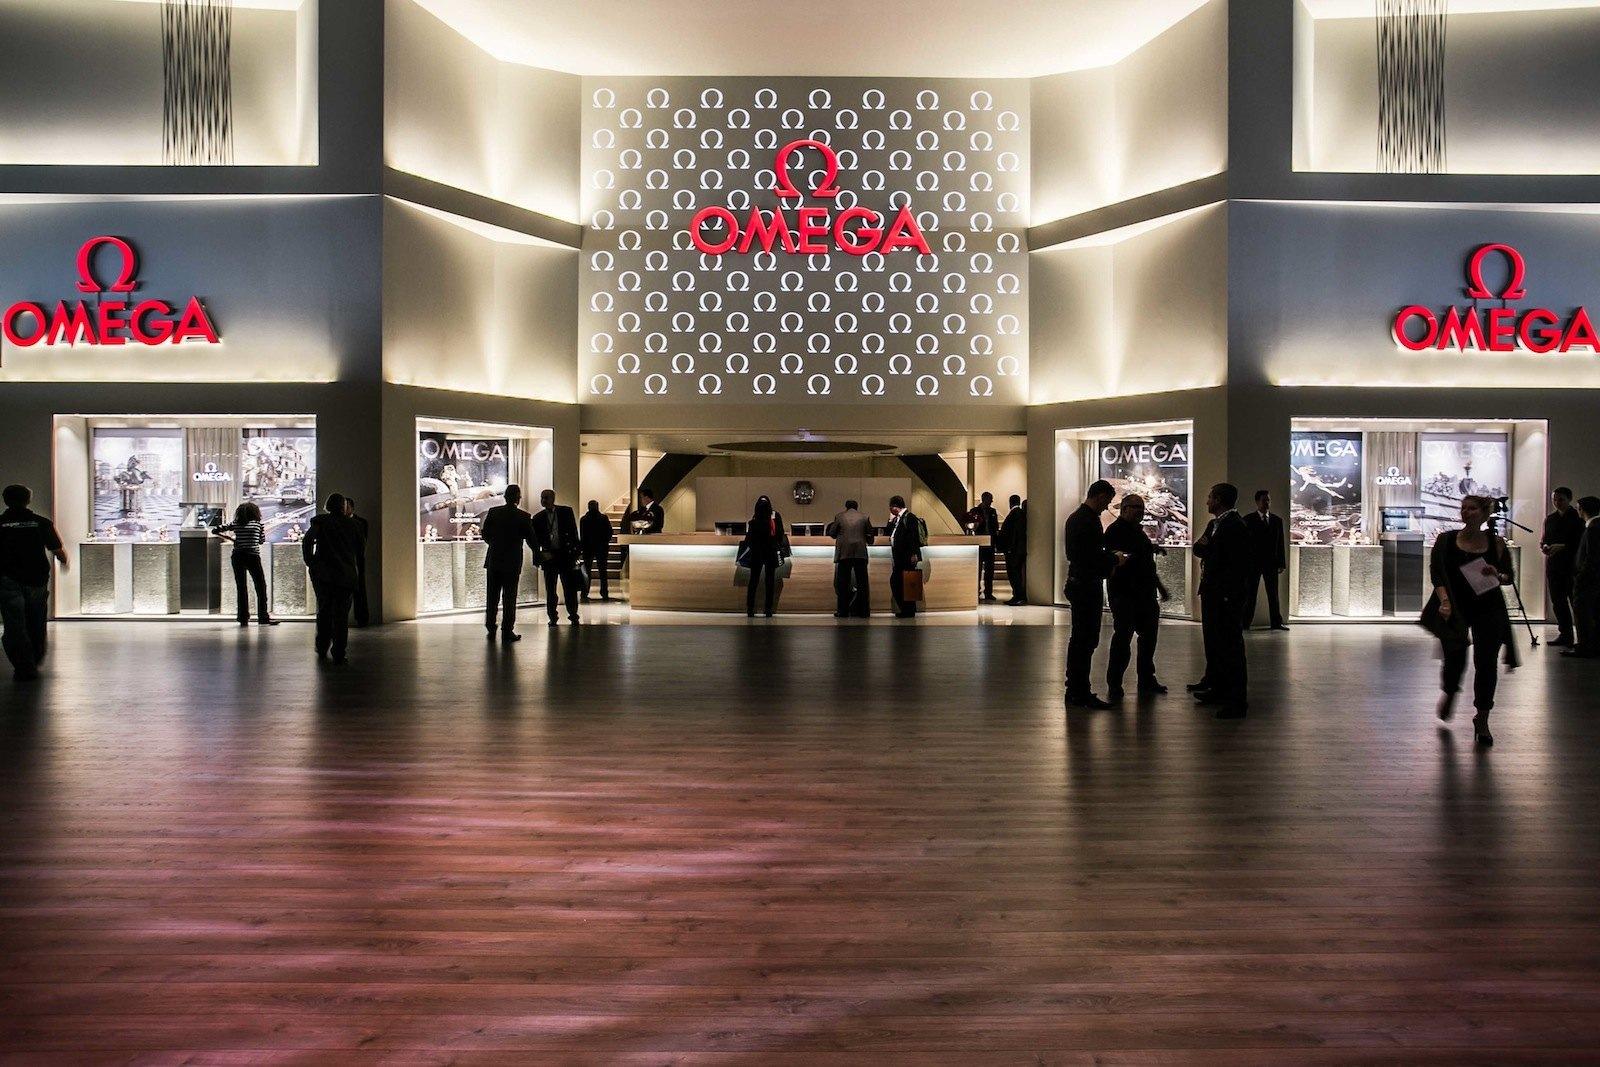 OMEGA da la bienvenida a los visitantes de Baselworld 2013